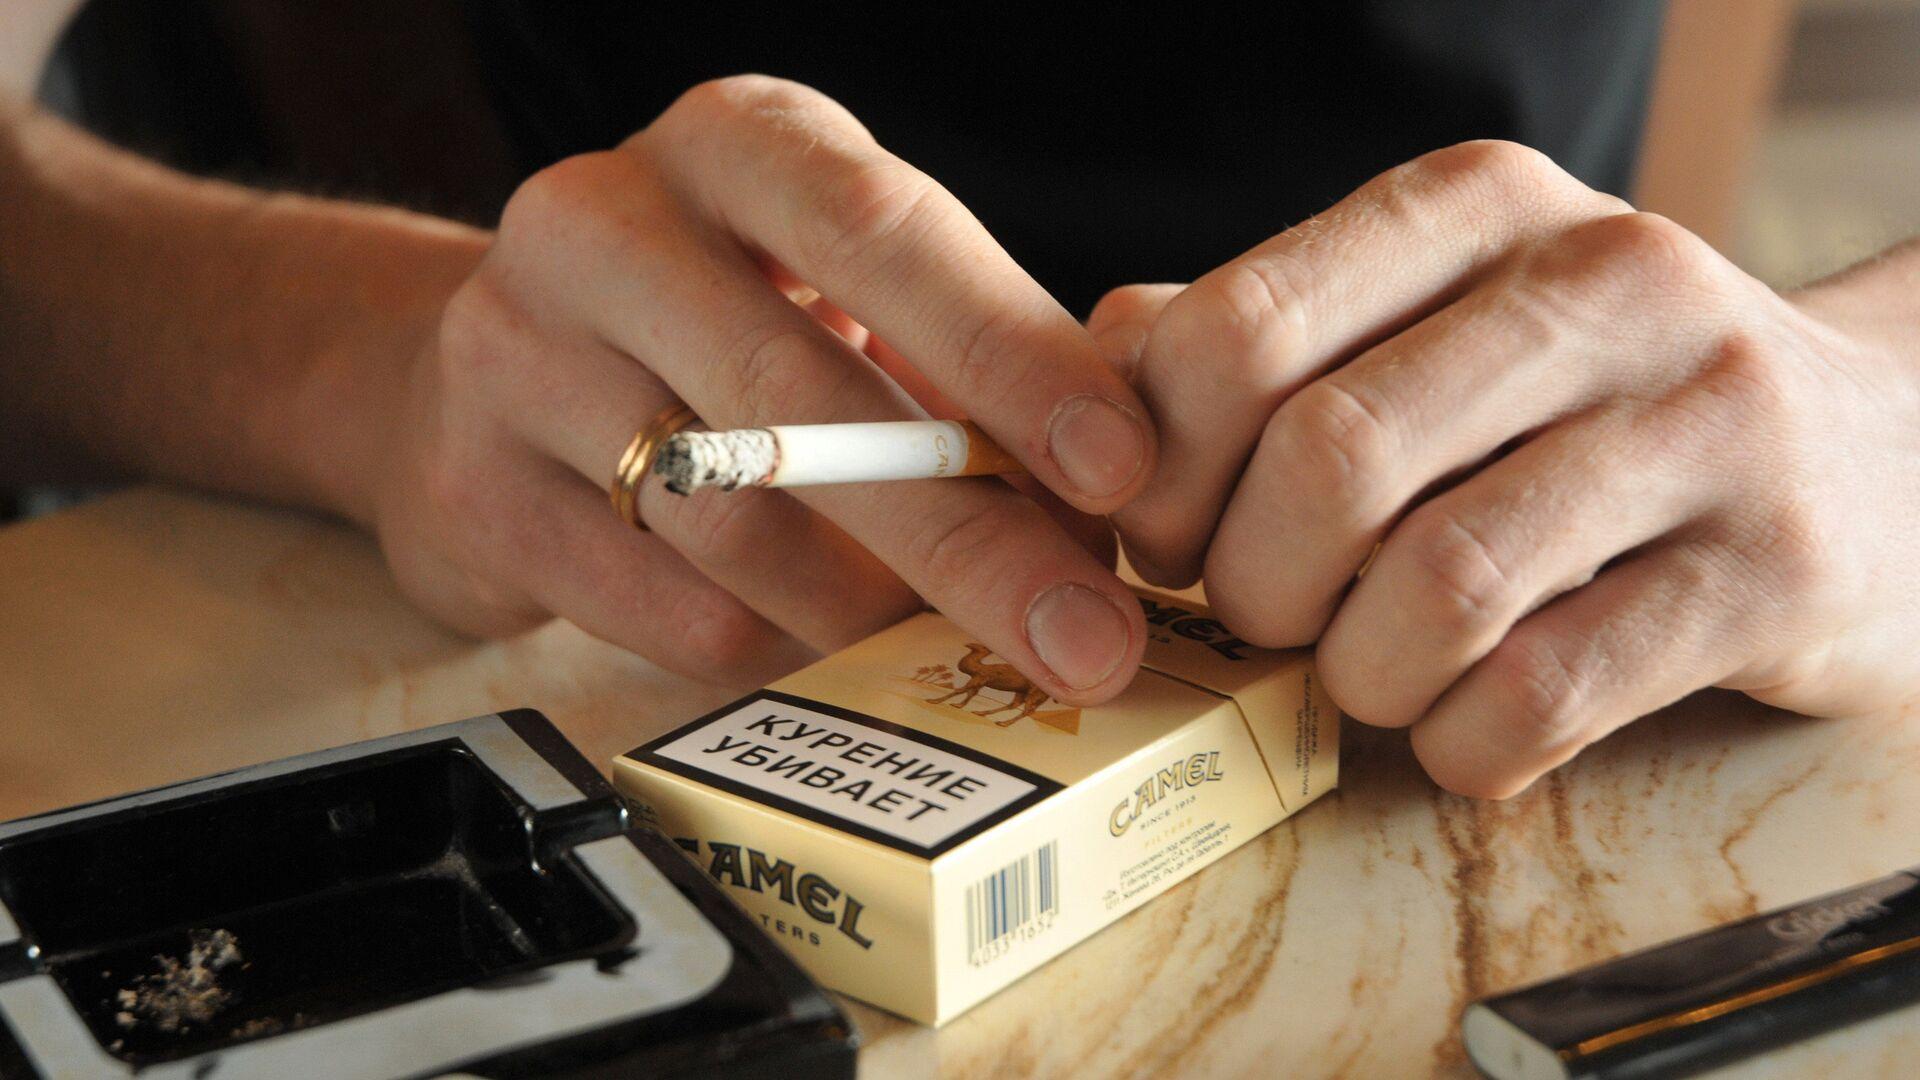 Мужчина держит в руках сигарету - РИА Новости, 1920, 24.12.2020